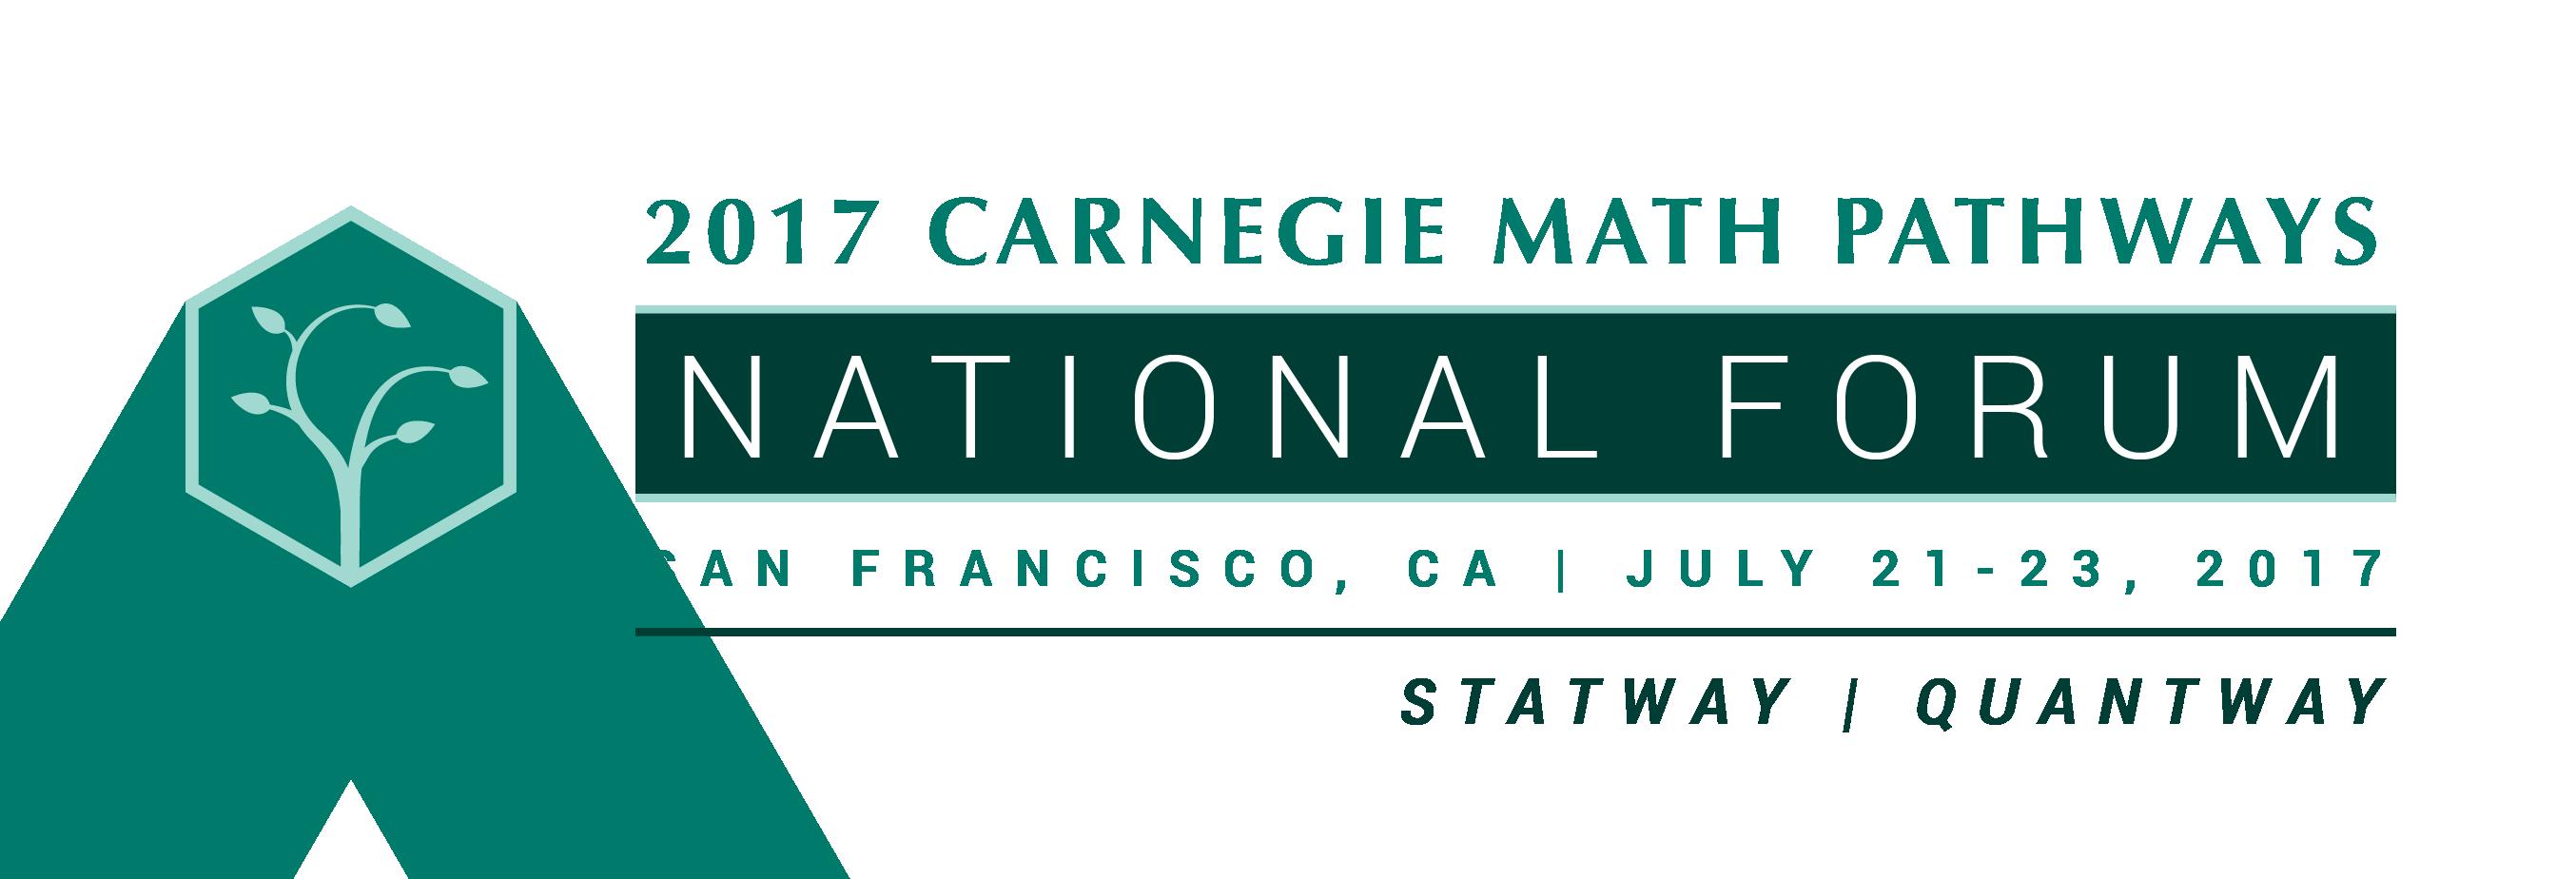 2017 Carnegie Math Pathways National Forum